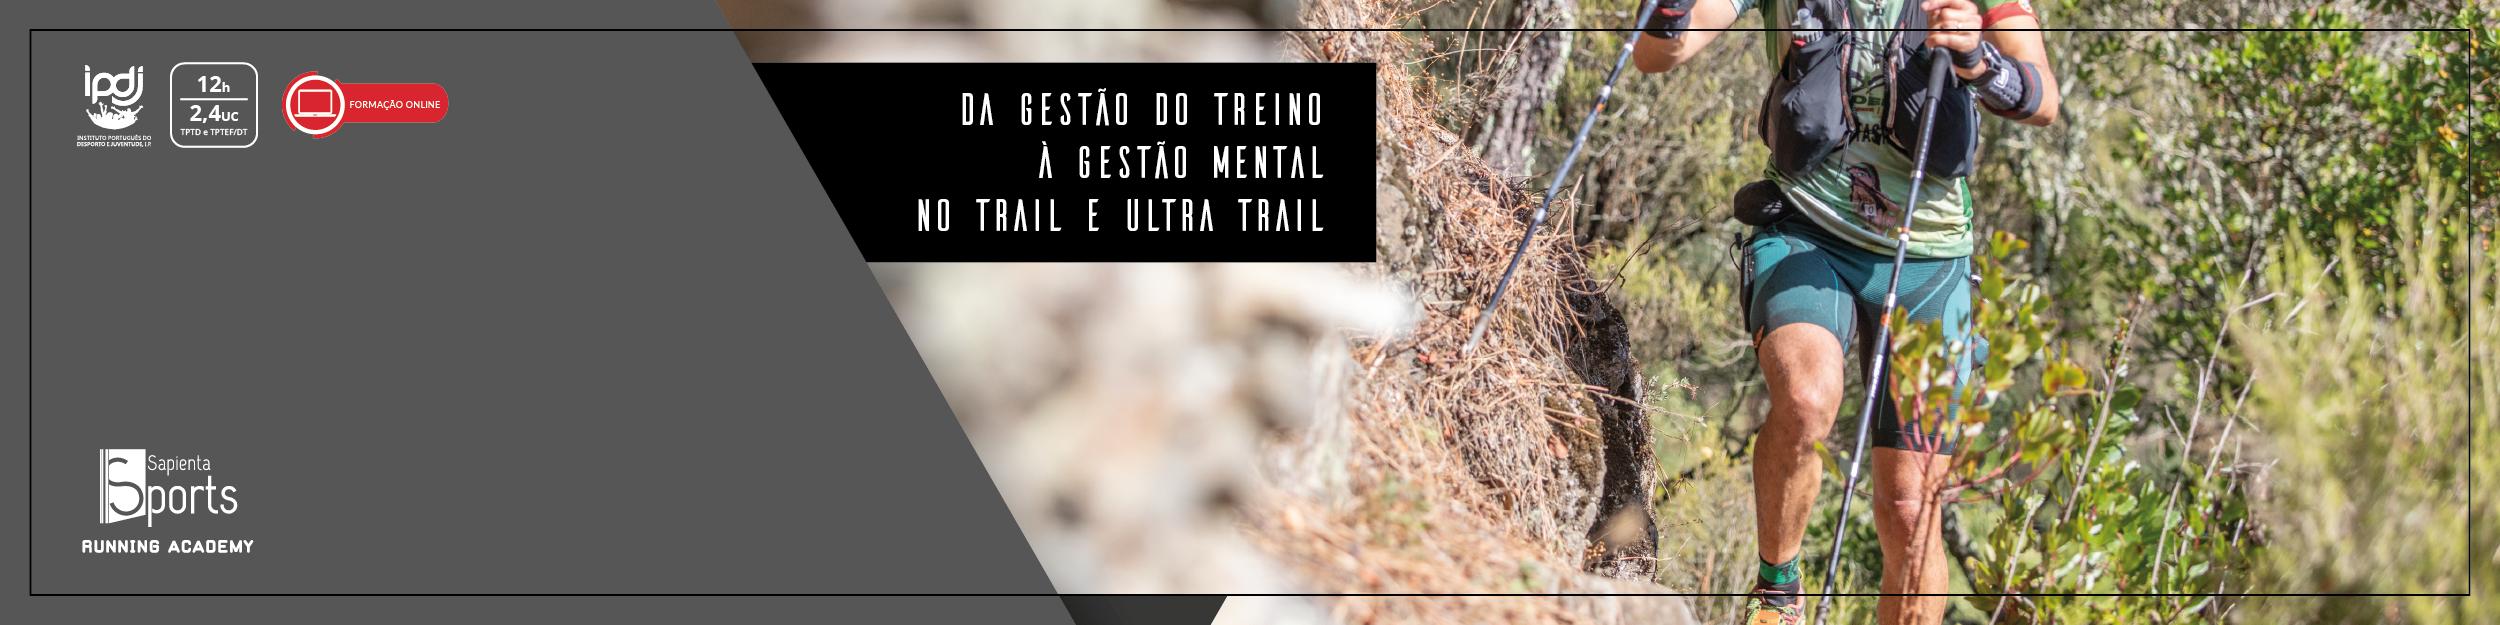 Da Gestão do Treino à Gestão Mental no Trail e Ultra Trail - Competências e Estratégias